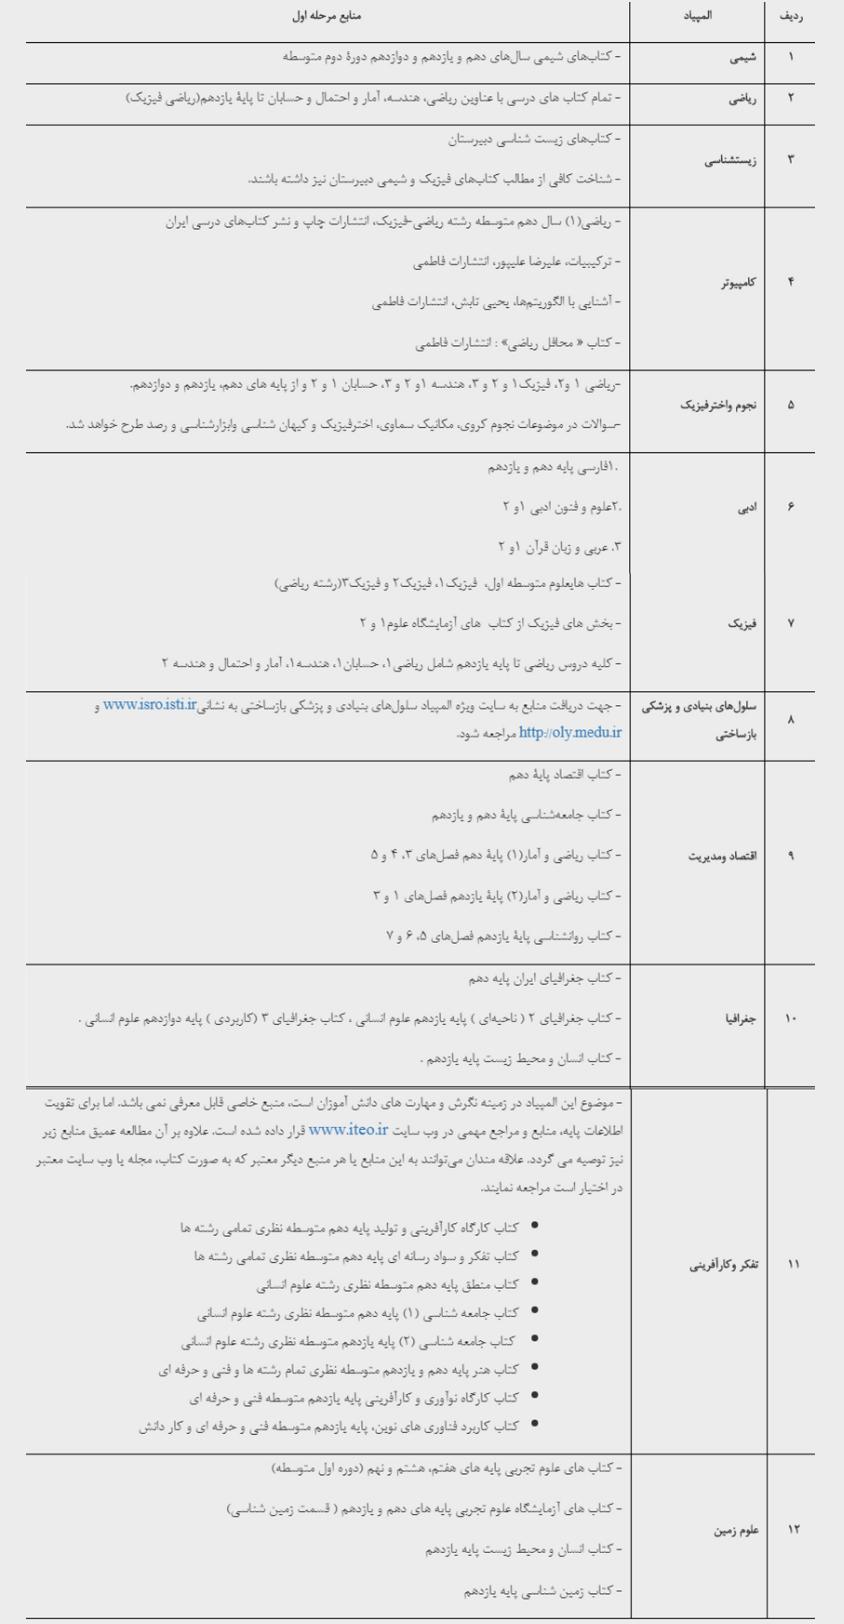 منابع آزمون المپیادهای علمی در سال تحصیلی ۱۴۰۰-۱۳۹۹